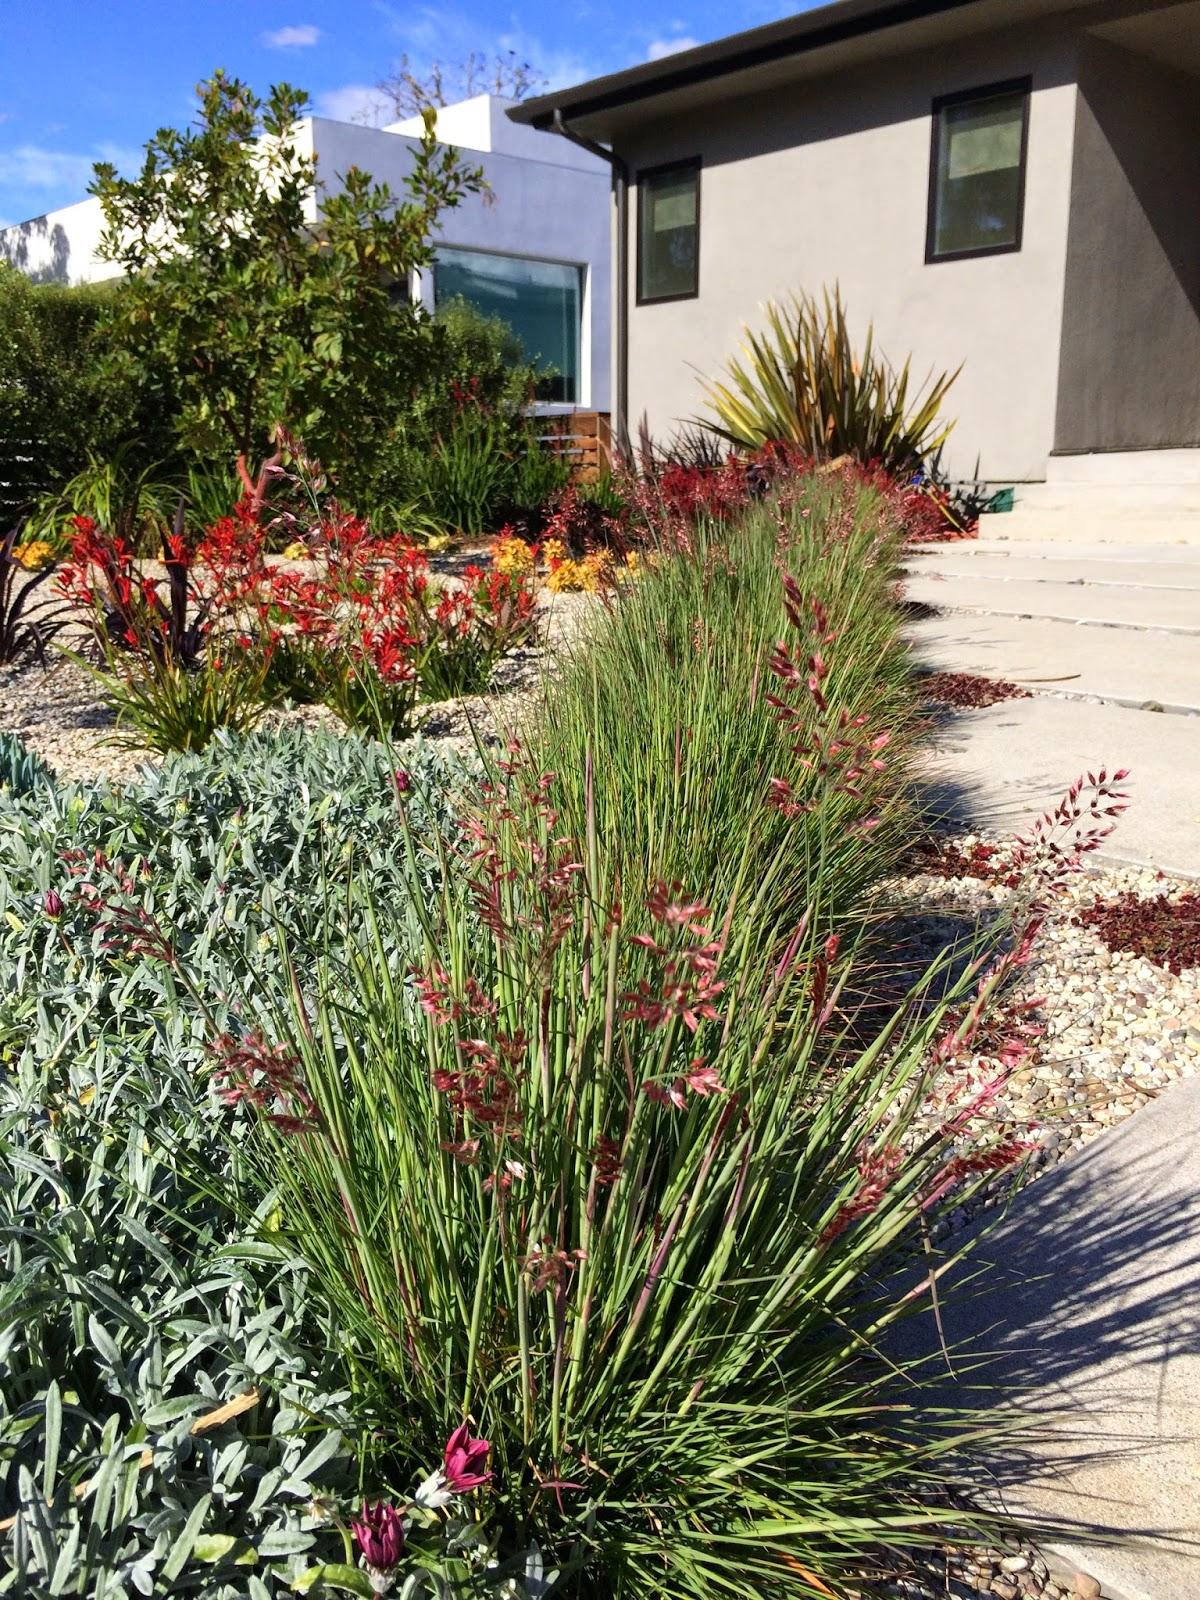 2018 Mar Vista Green Garden Showcase: 3554 Mountain View Avenue ...